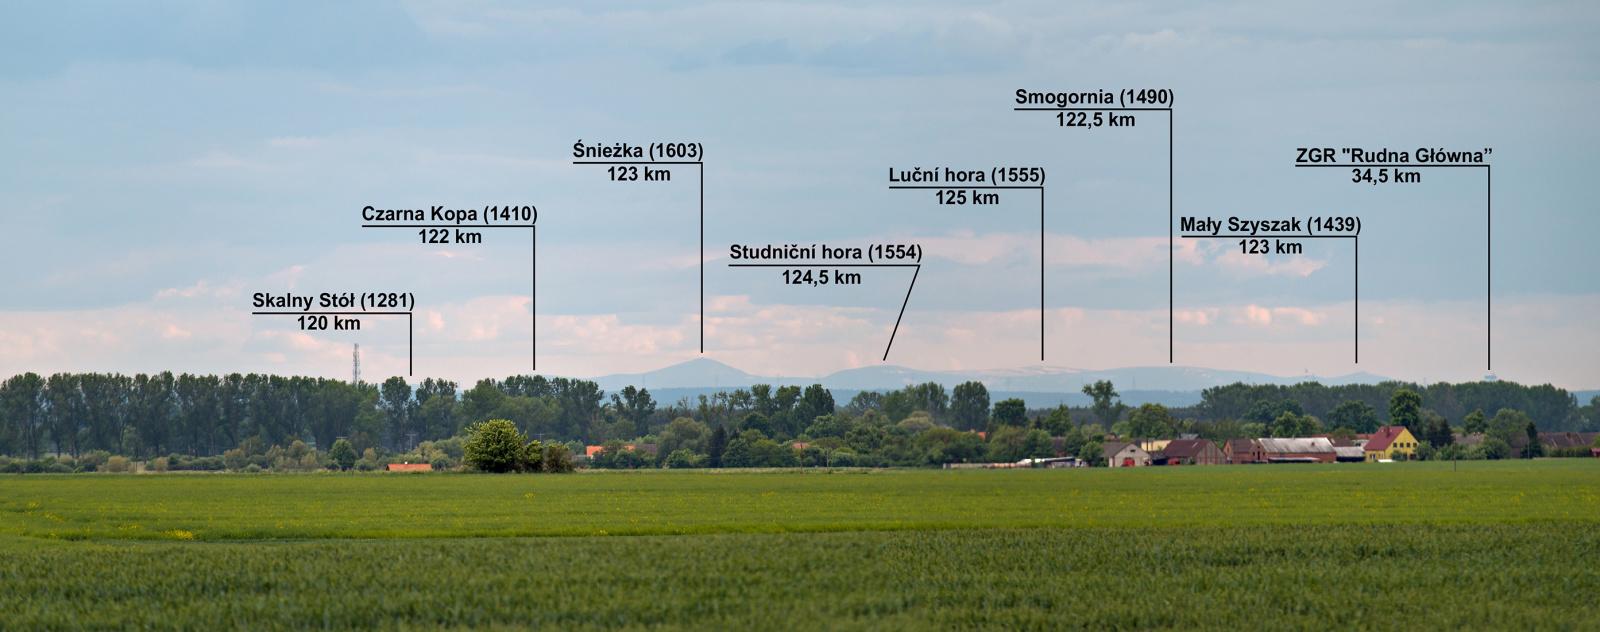 3_HQ_500_mm_Dalekie_Obserwacje_Wchowa_panorama_Karkonoszy.jpg